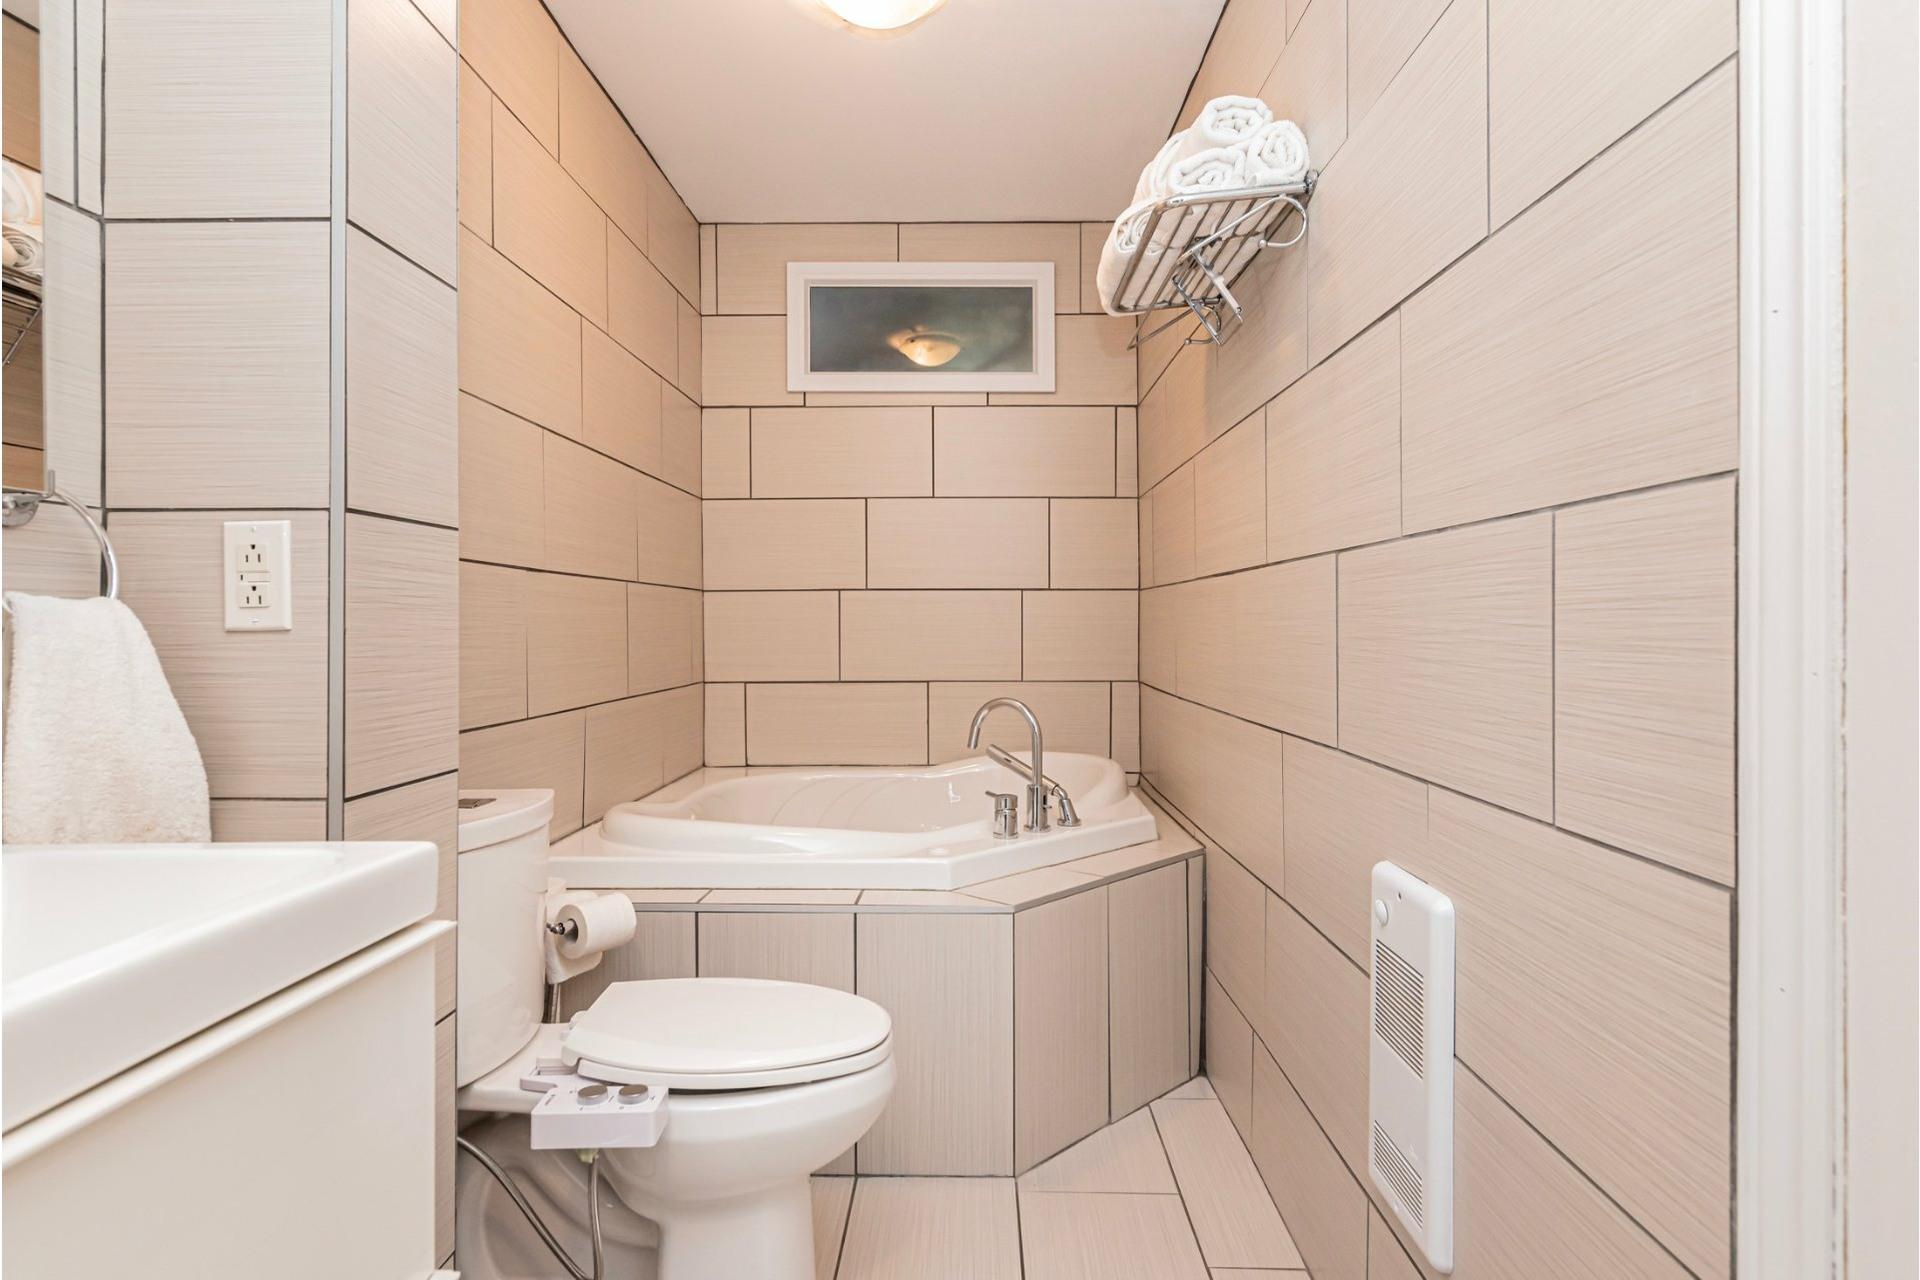 image 12 - Appartement À vendre Côte-des-Neiges/Notre-Dame-de-Grâce Montréal  - 7 pièces